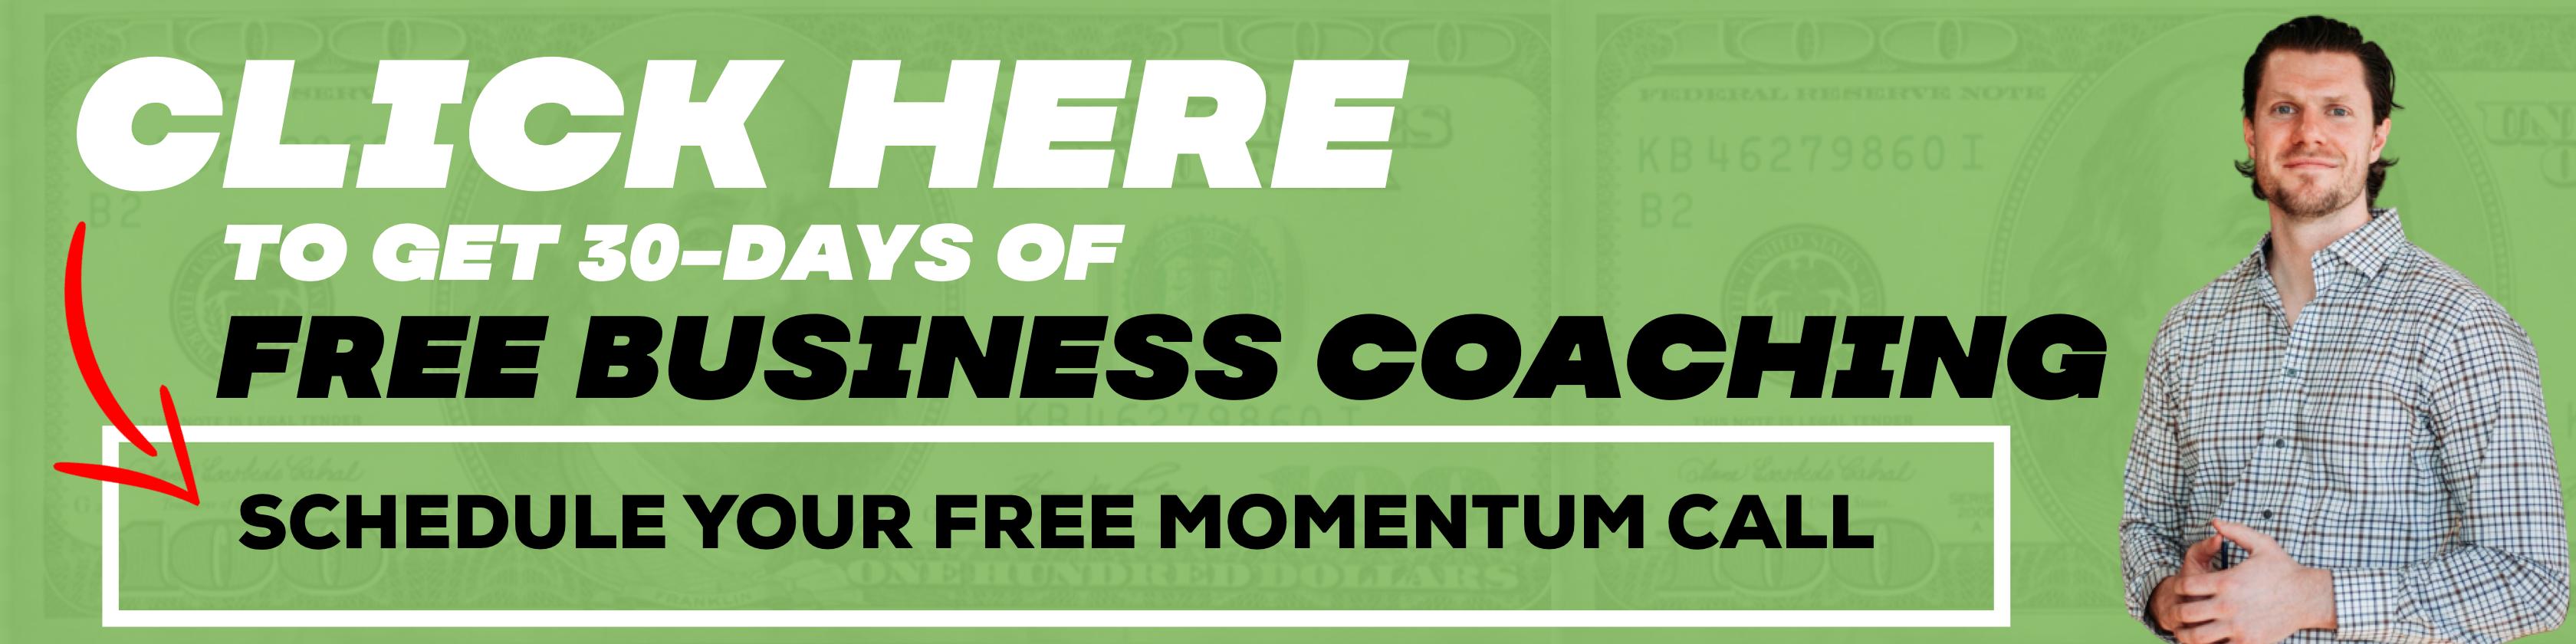 Free Business Coaching